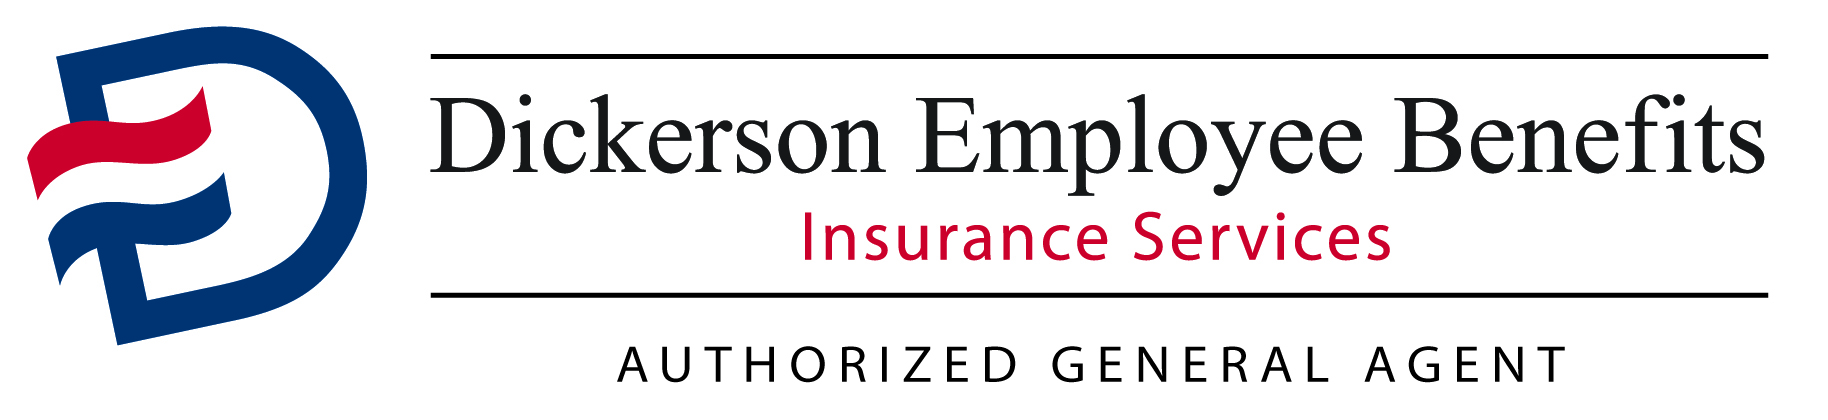 dickerson color logo_GA